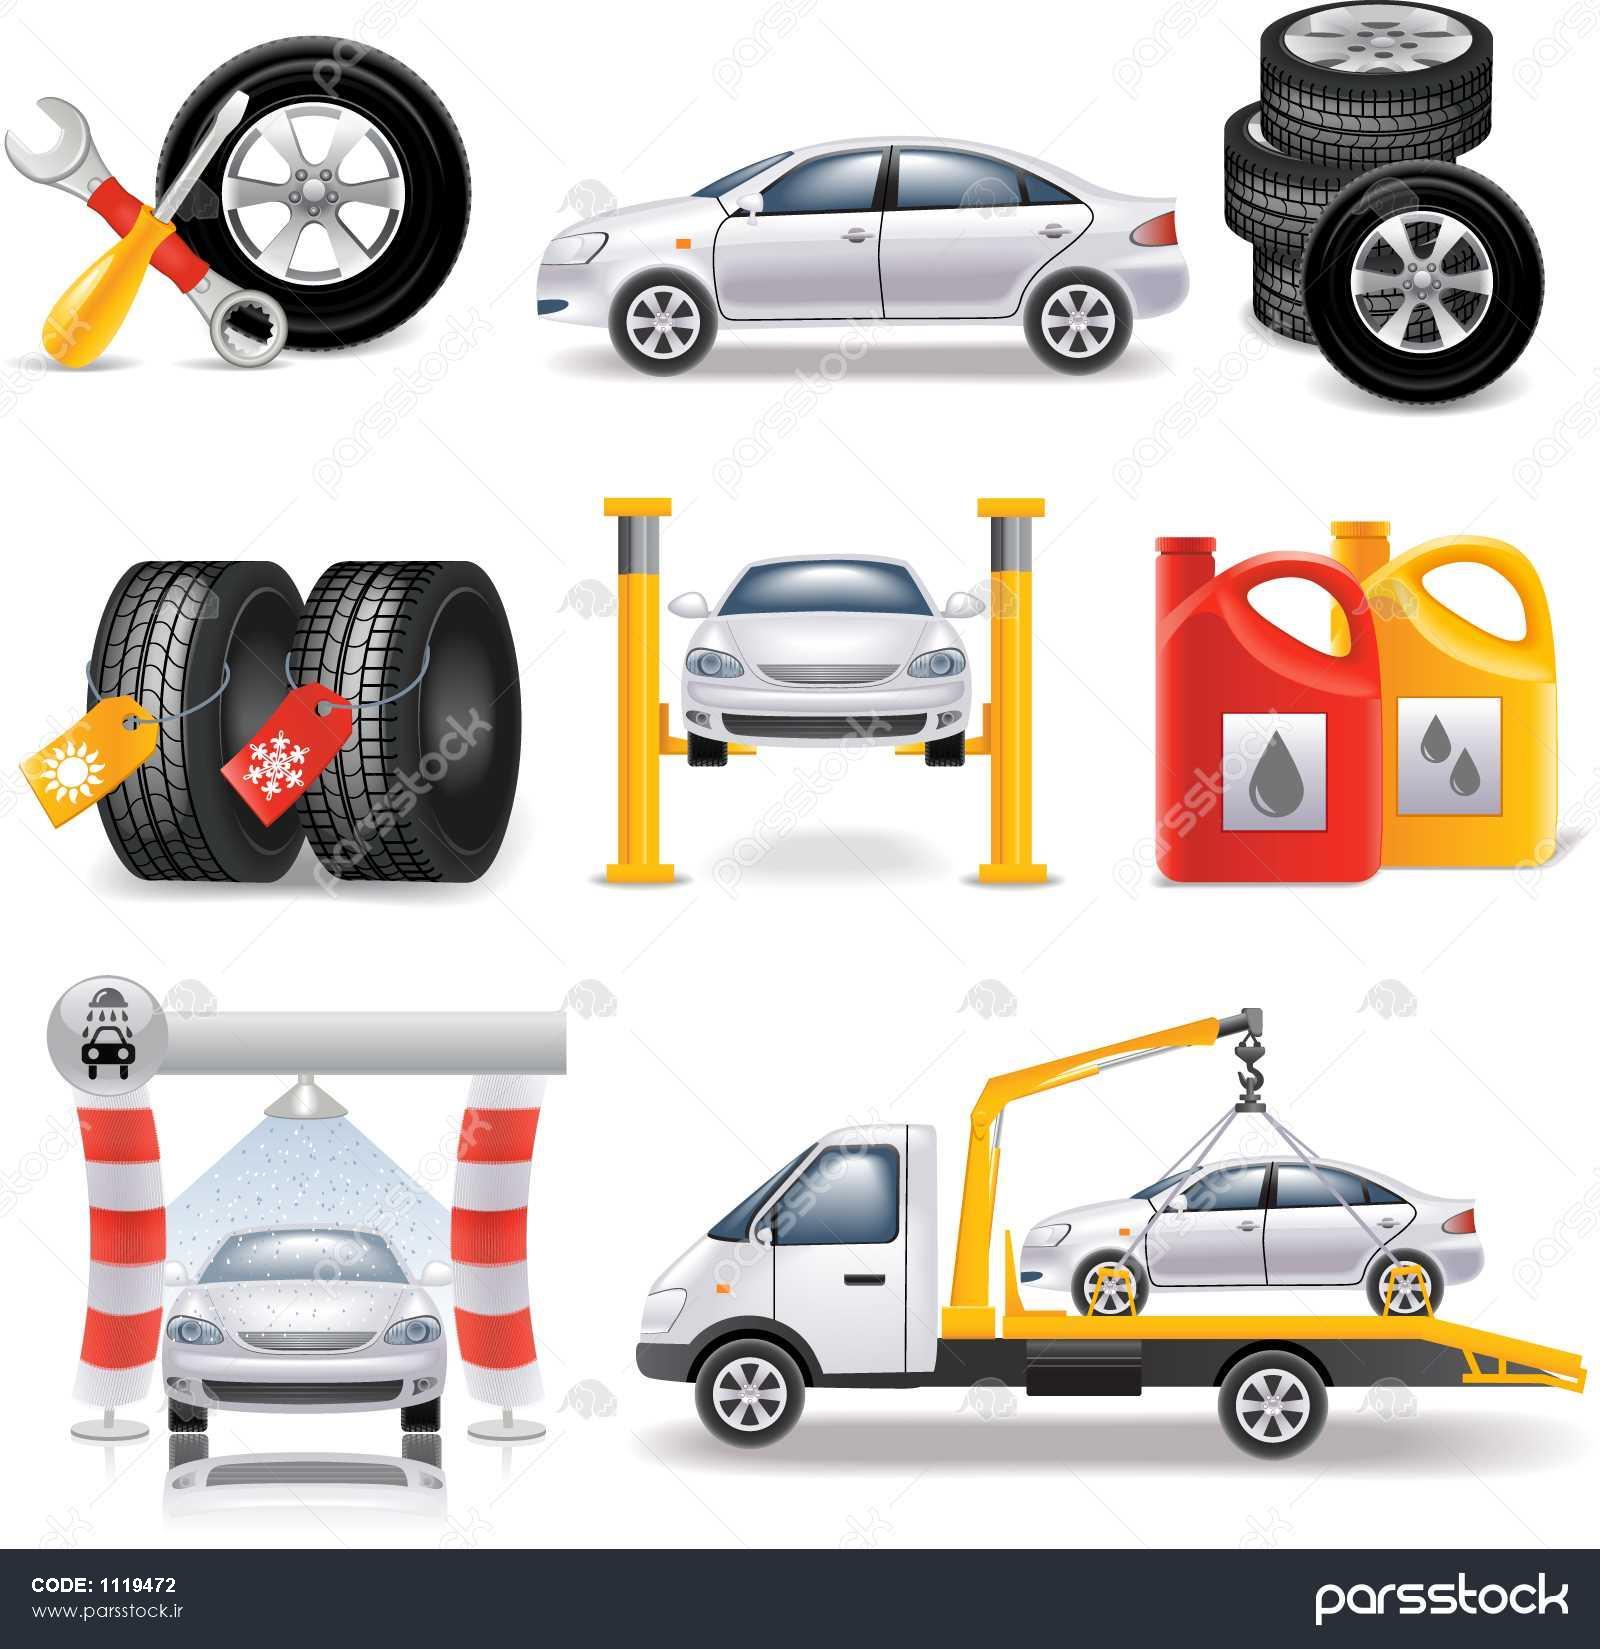 خدمات خودرویی